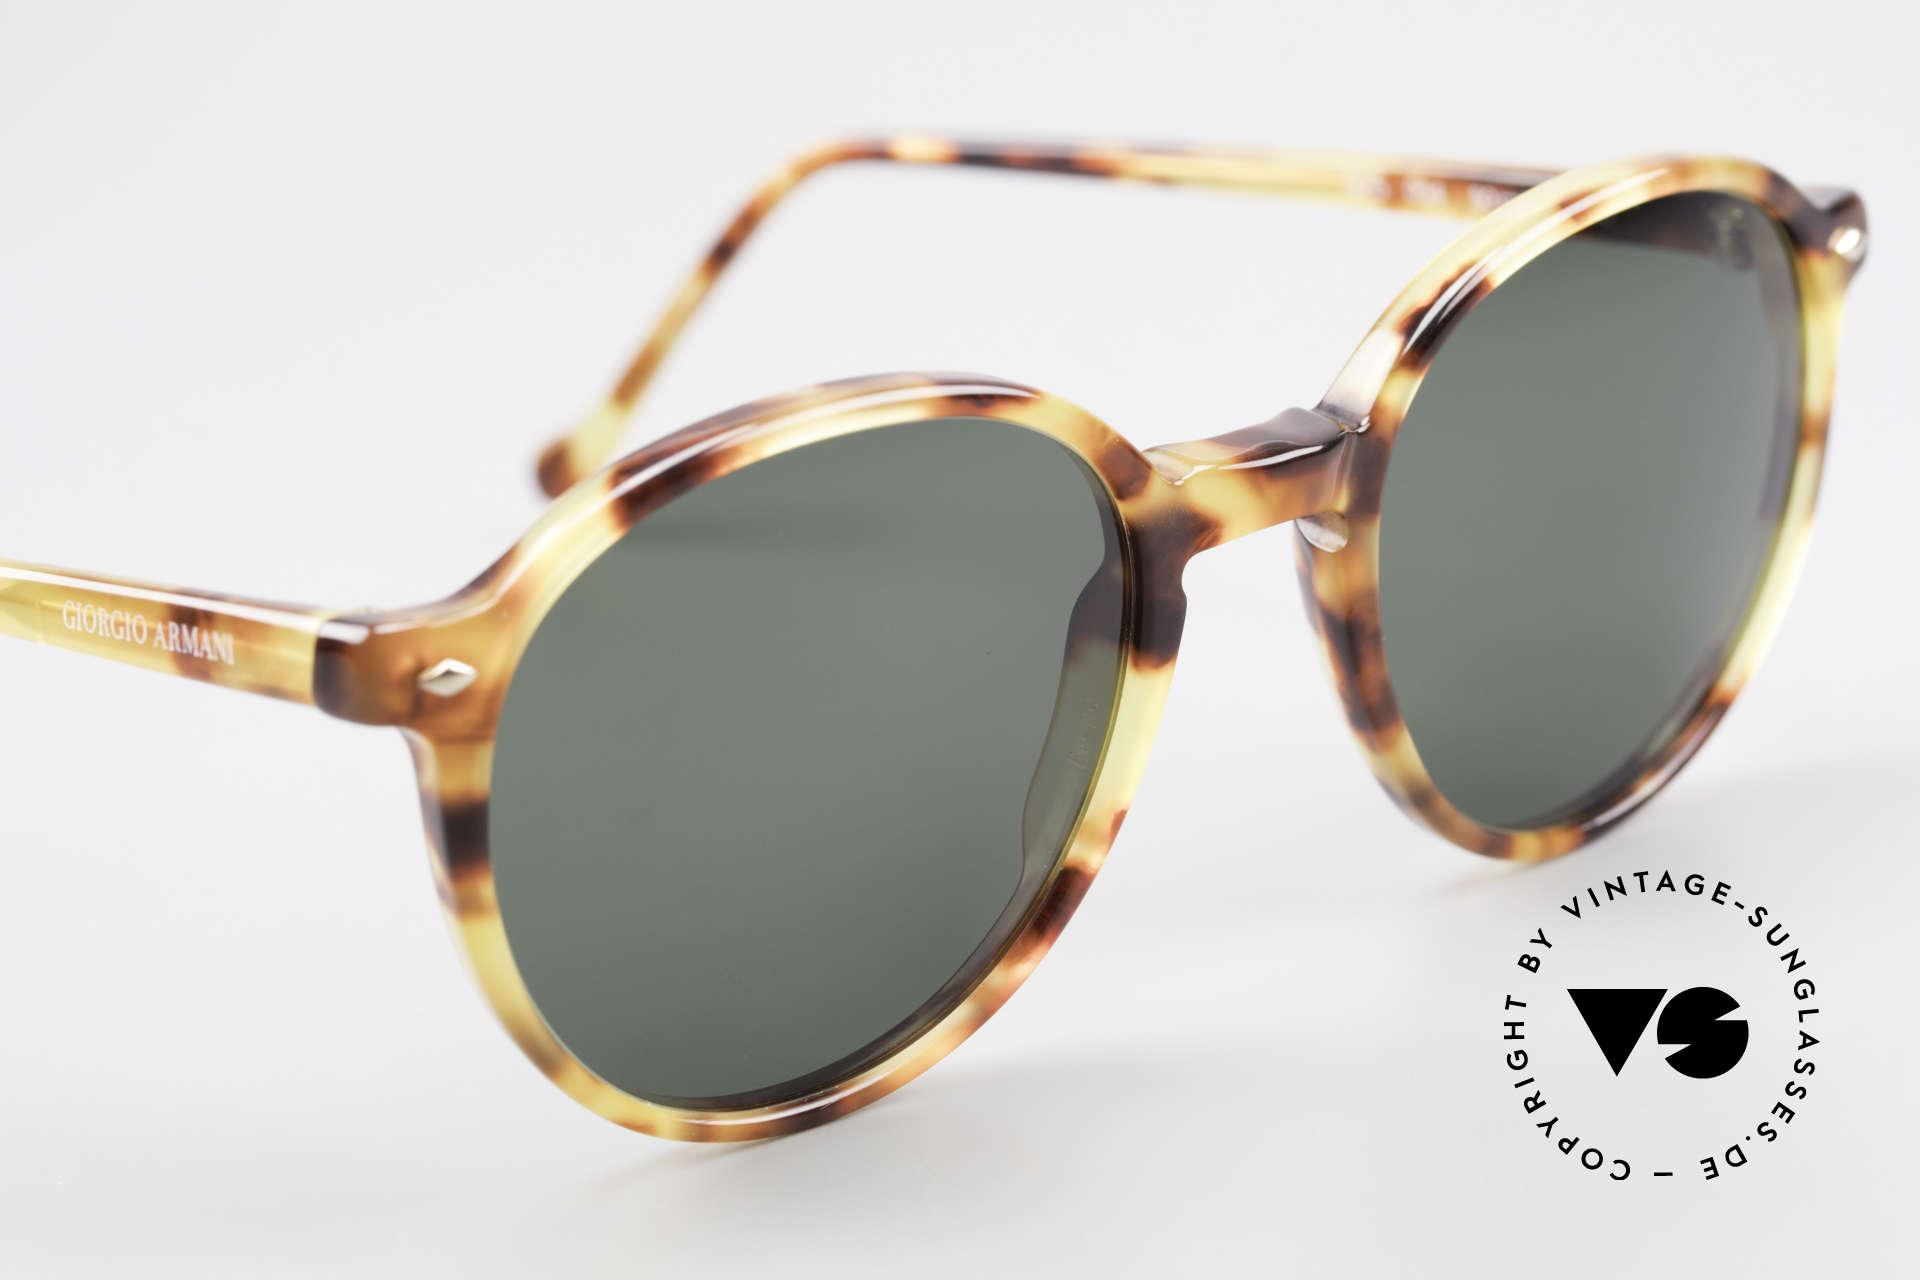 Giorgio Armani 325 Rare 90er Panto Sonnenbrille, KEINE Retromode, sondern ein altes Armani-Original!, Passend für Herren und Damen